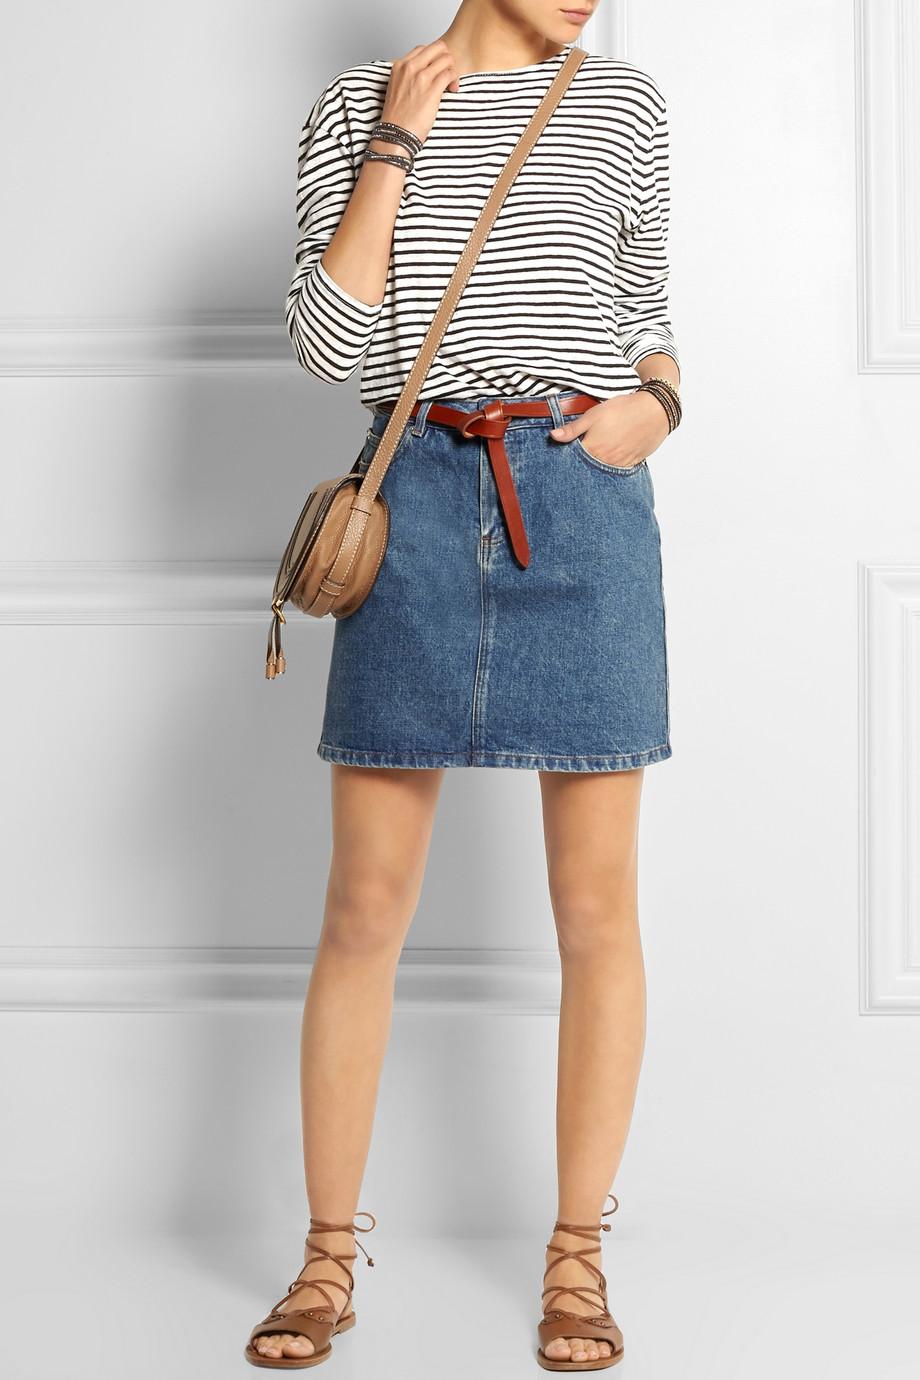 denim skirt and stripes